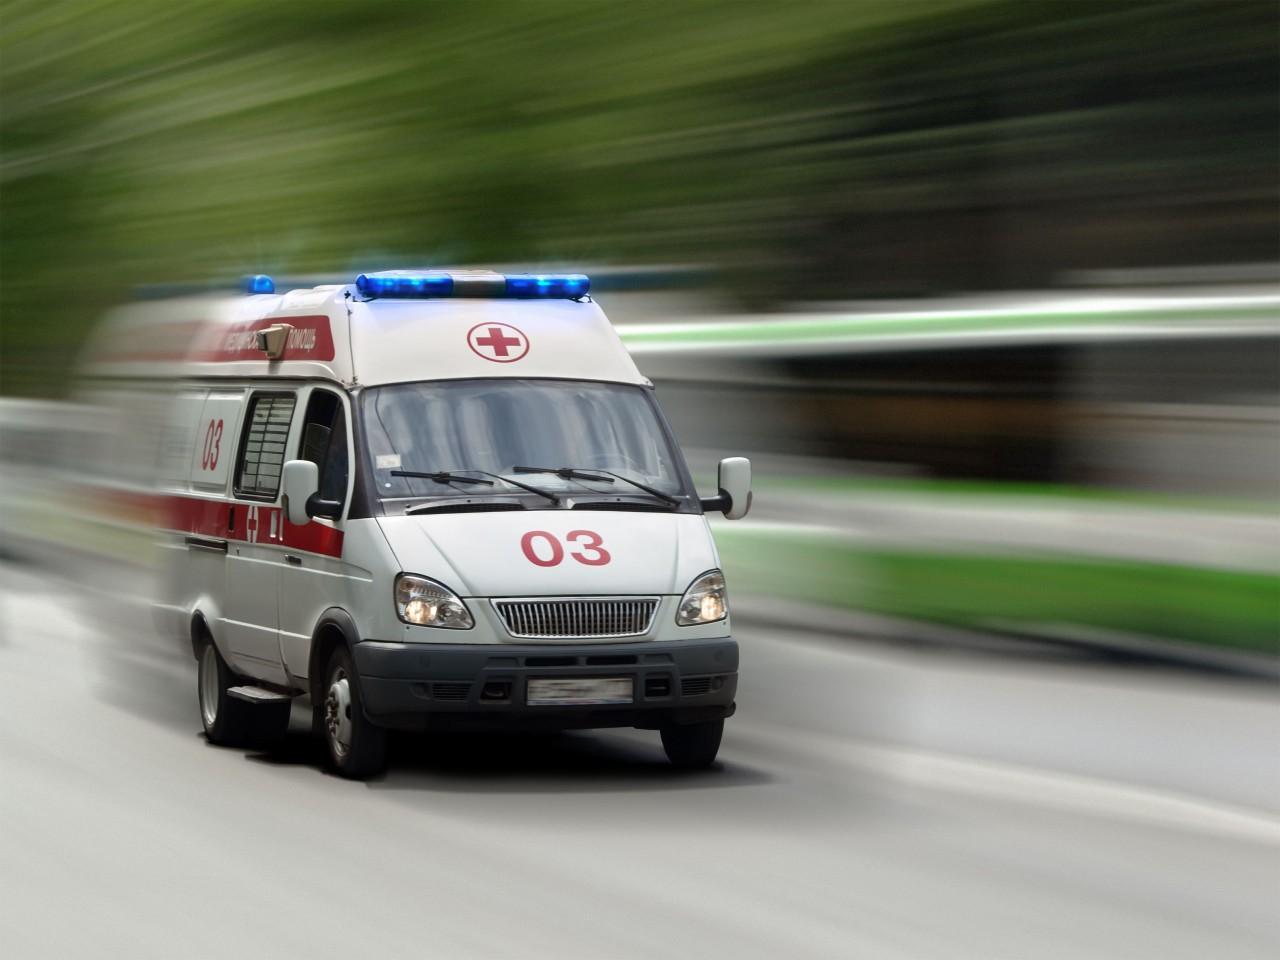 Украинского бизнесмена избившего водителя скорой в Крыму, наказали